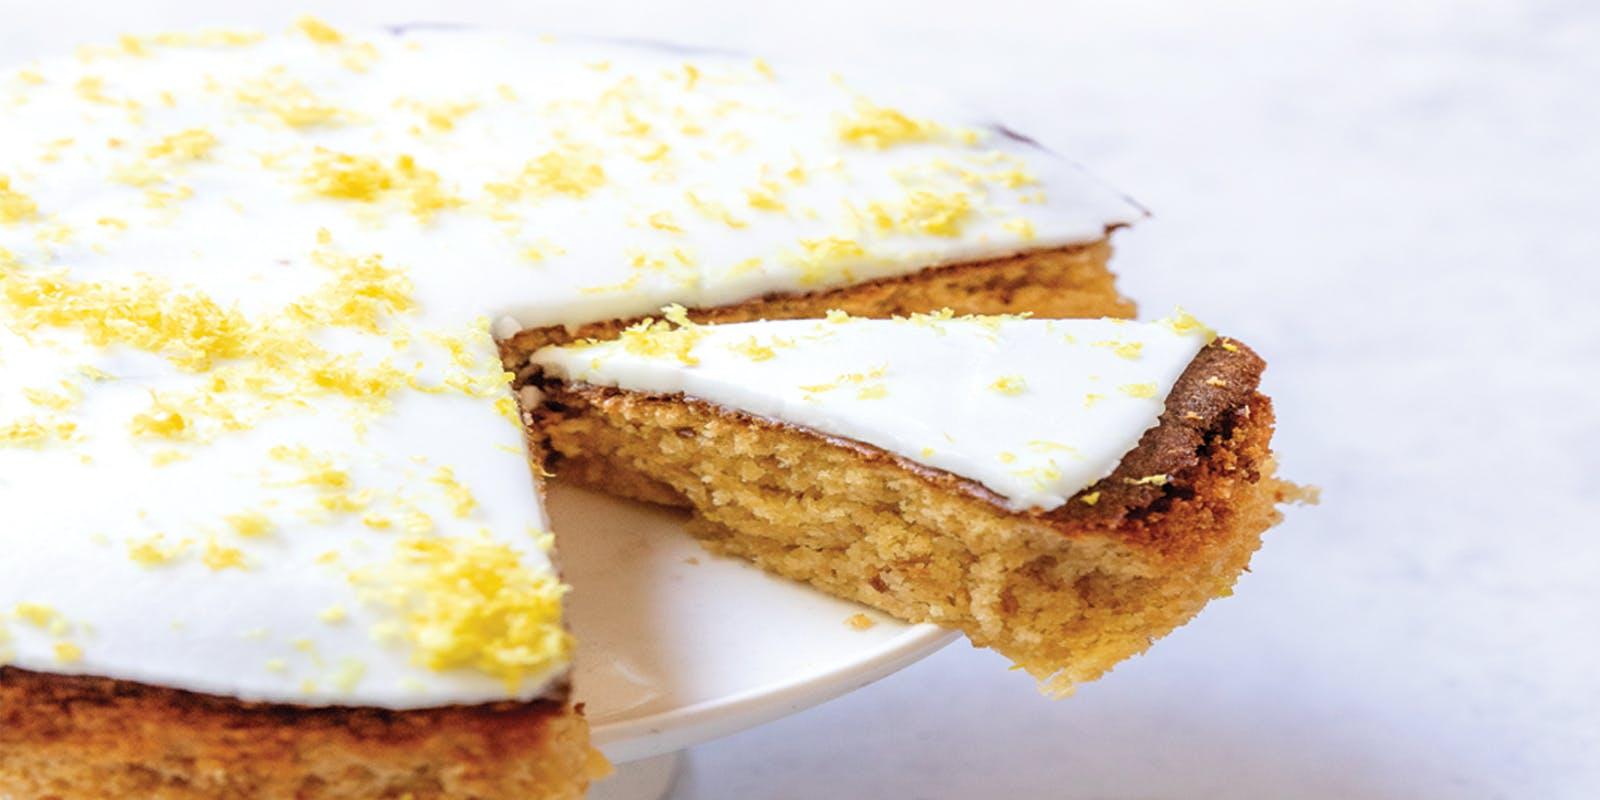 Keto air fryer lemon pound cake